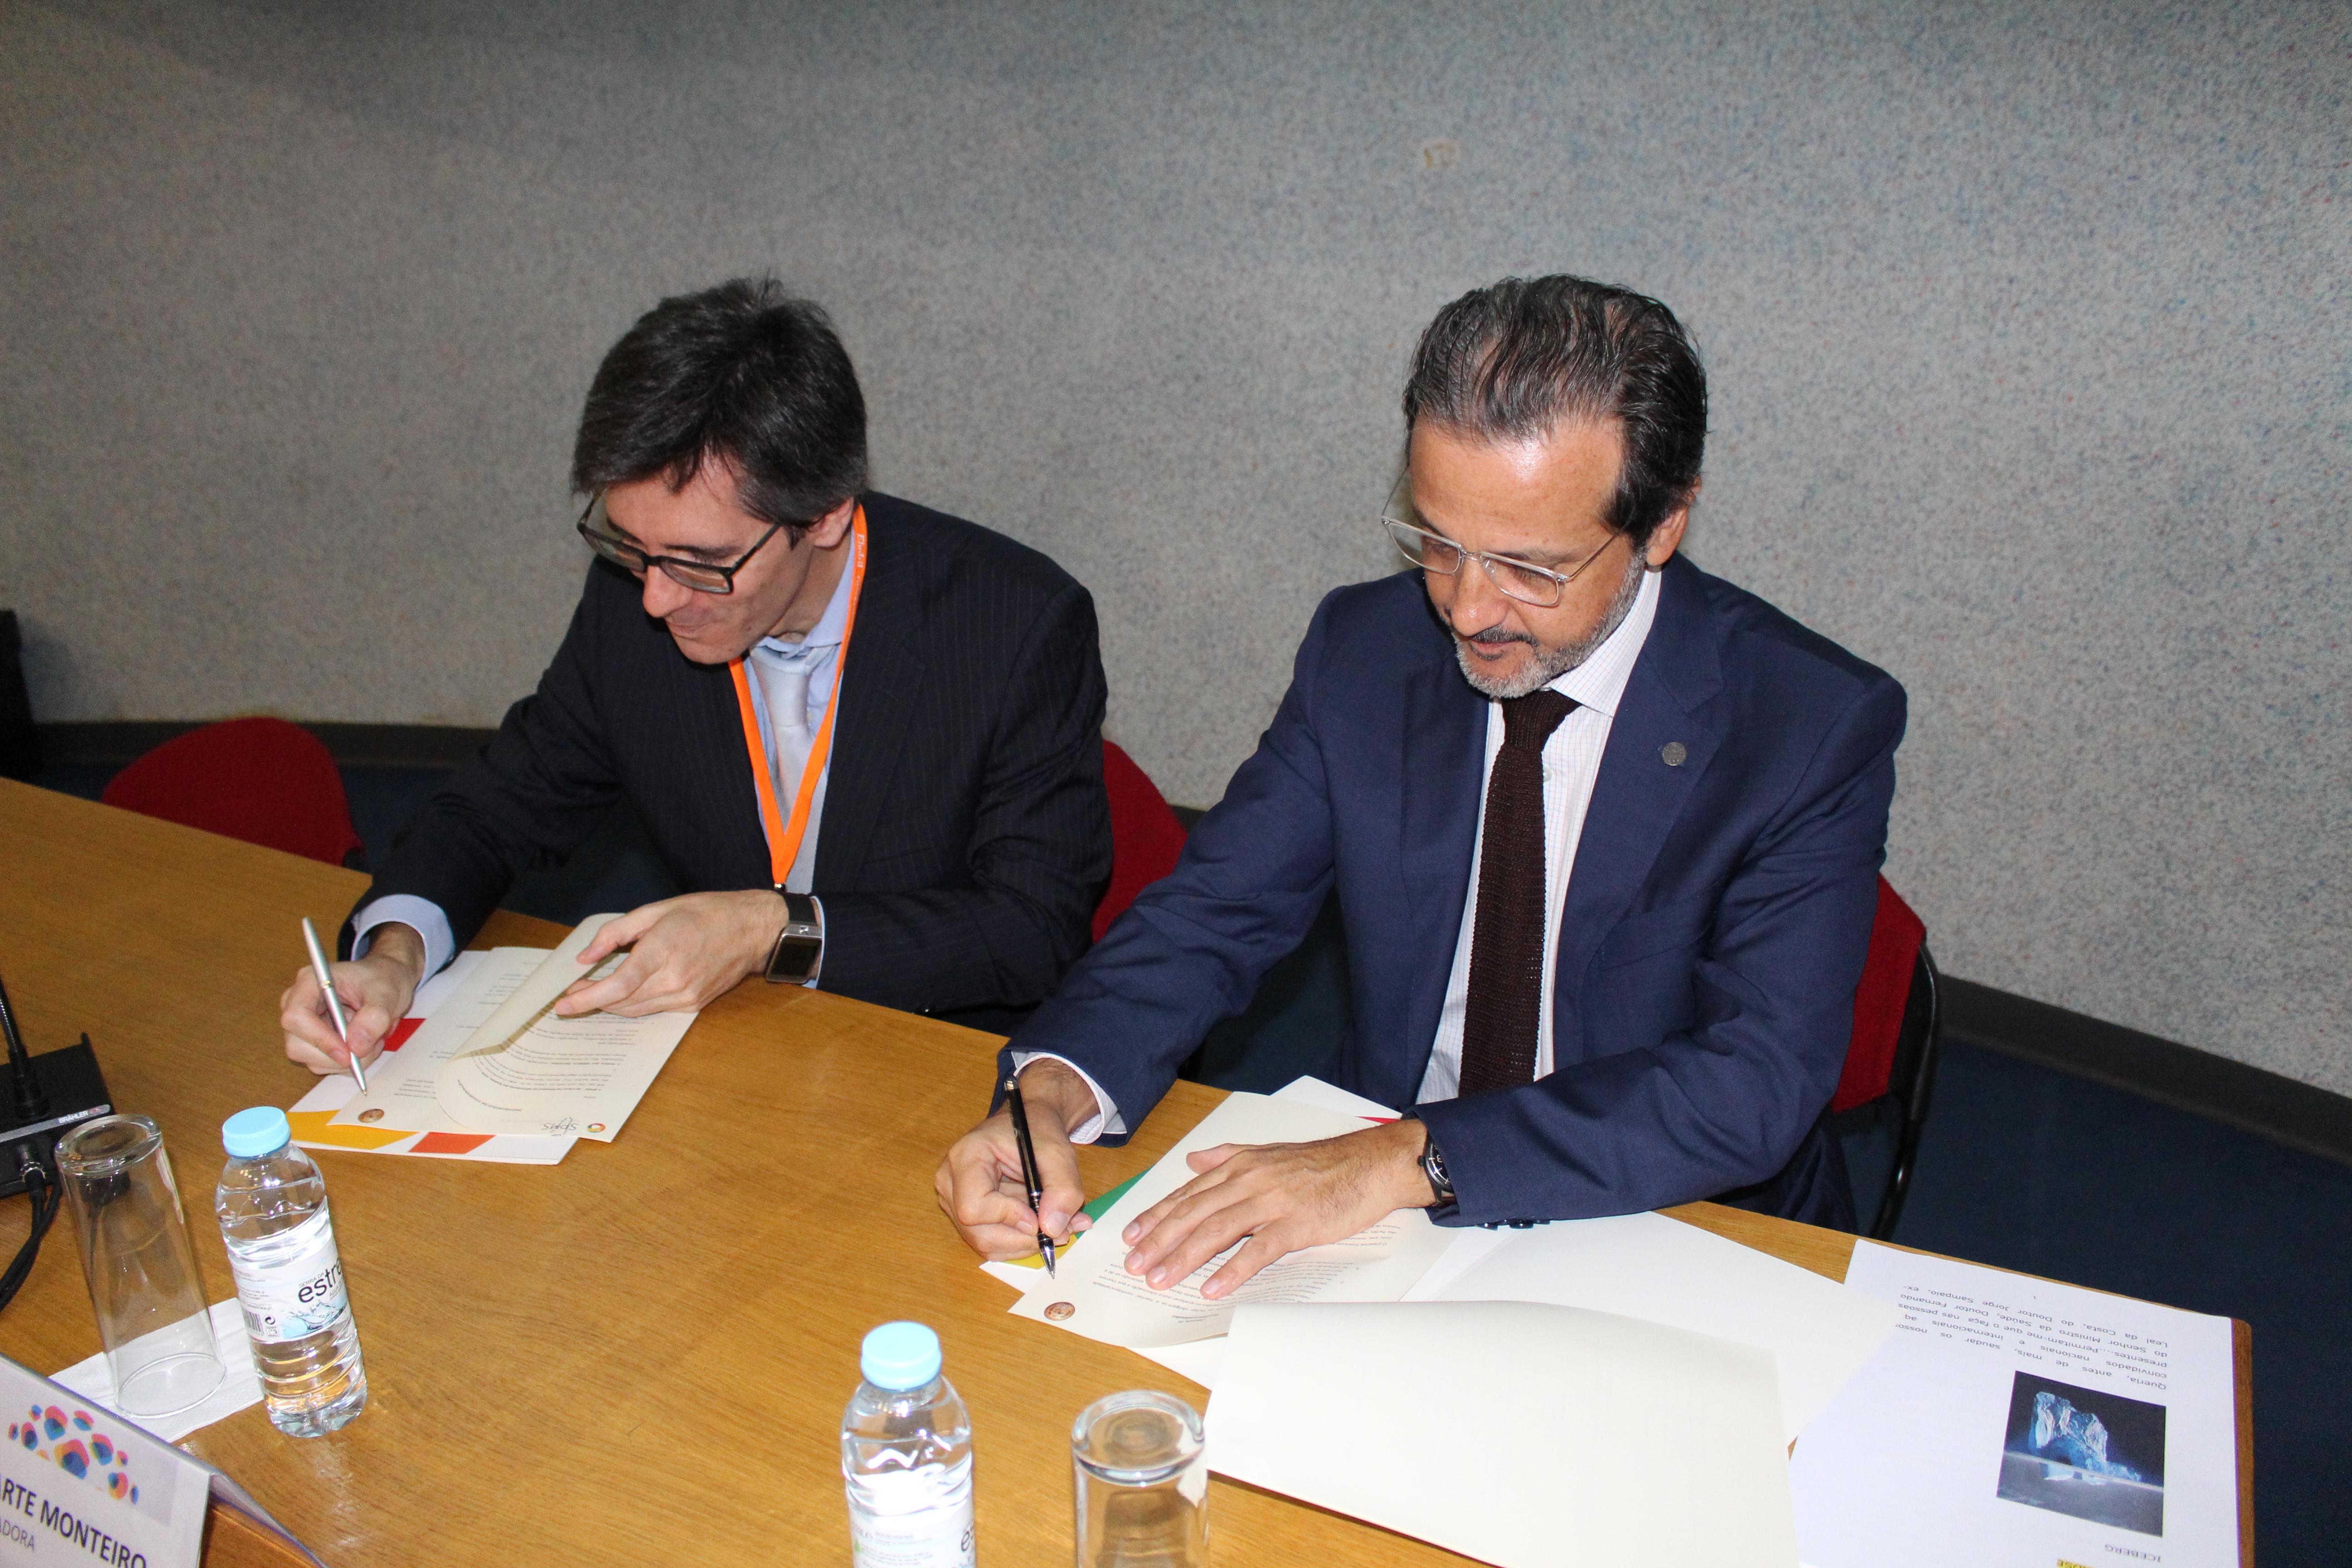 Henrique Martins, Presidente do Conselho de Administração da SPMS e Orlando Monteiro da Silva, Bastonário da ordem dos Médicos Dentistas